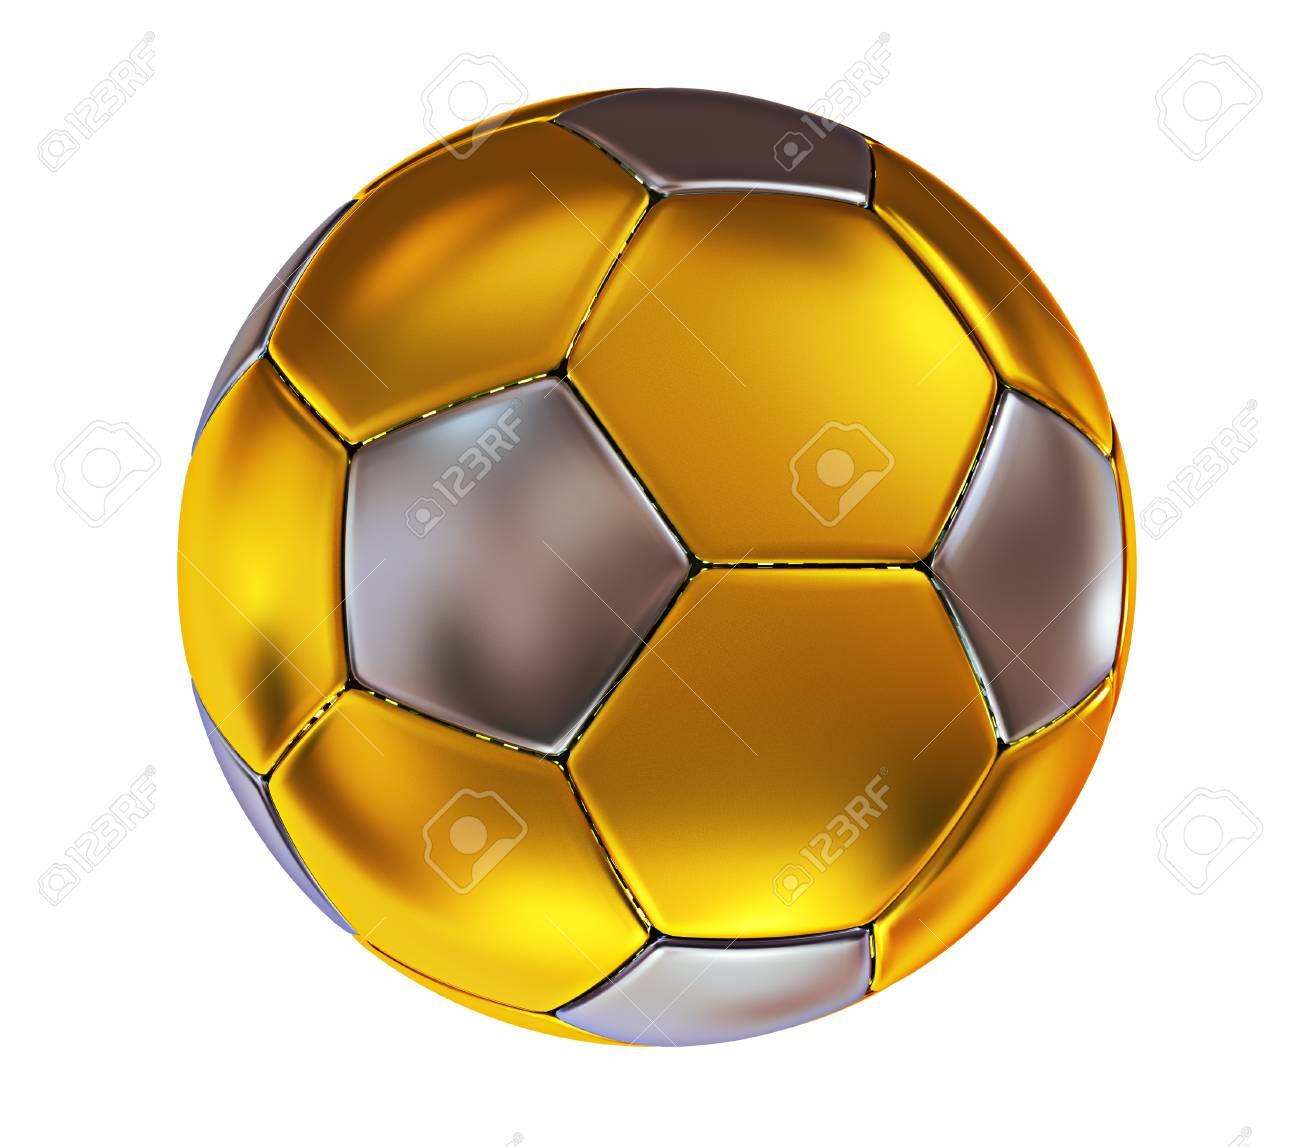 89da1fad7 3d illustration. Golden soccer ball isolated on white background. Stock  Illustration - 94501399